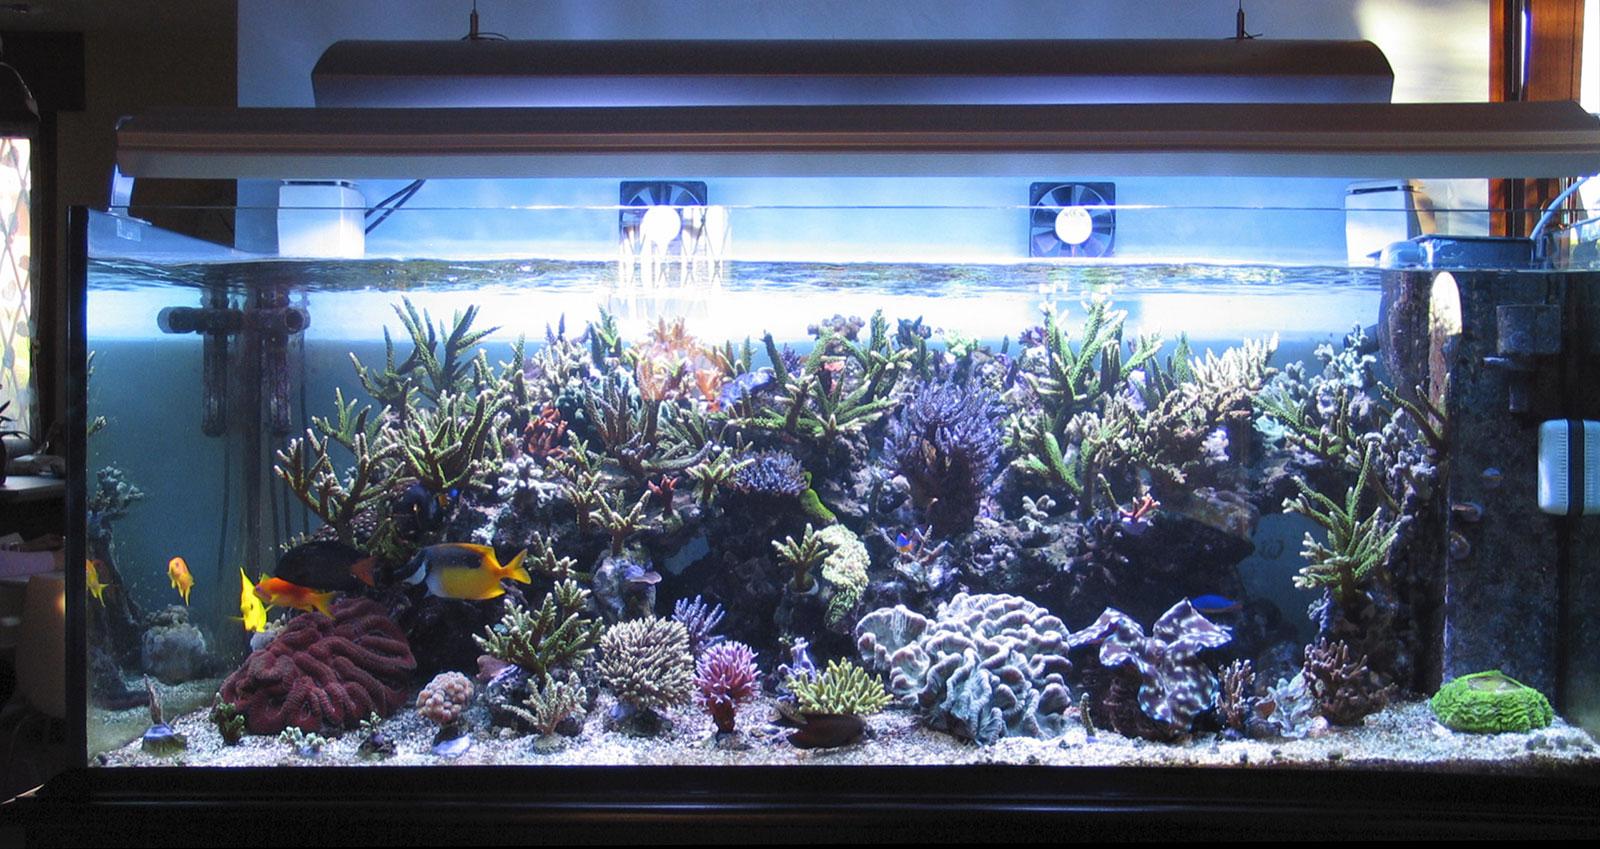 Posizionamento di un acquario marino matteo trevisani for Acquario per tartarughe grandi